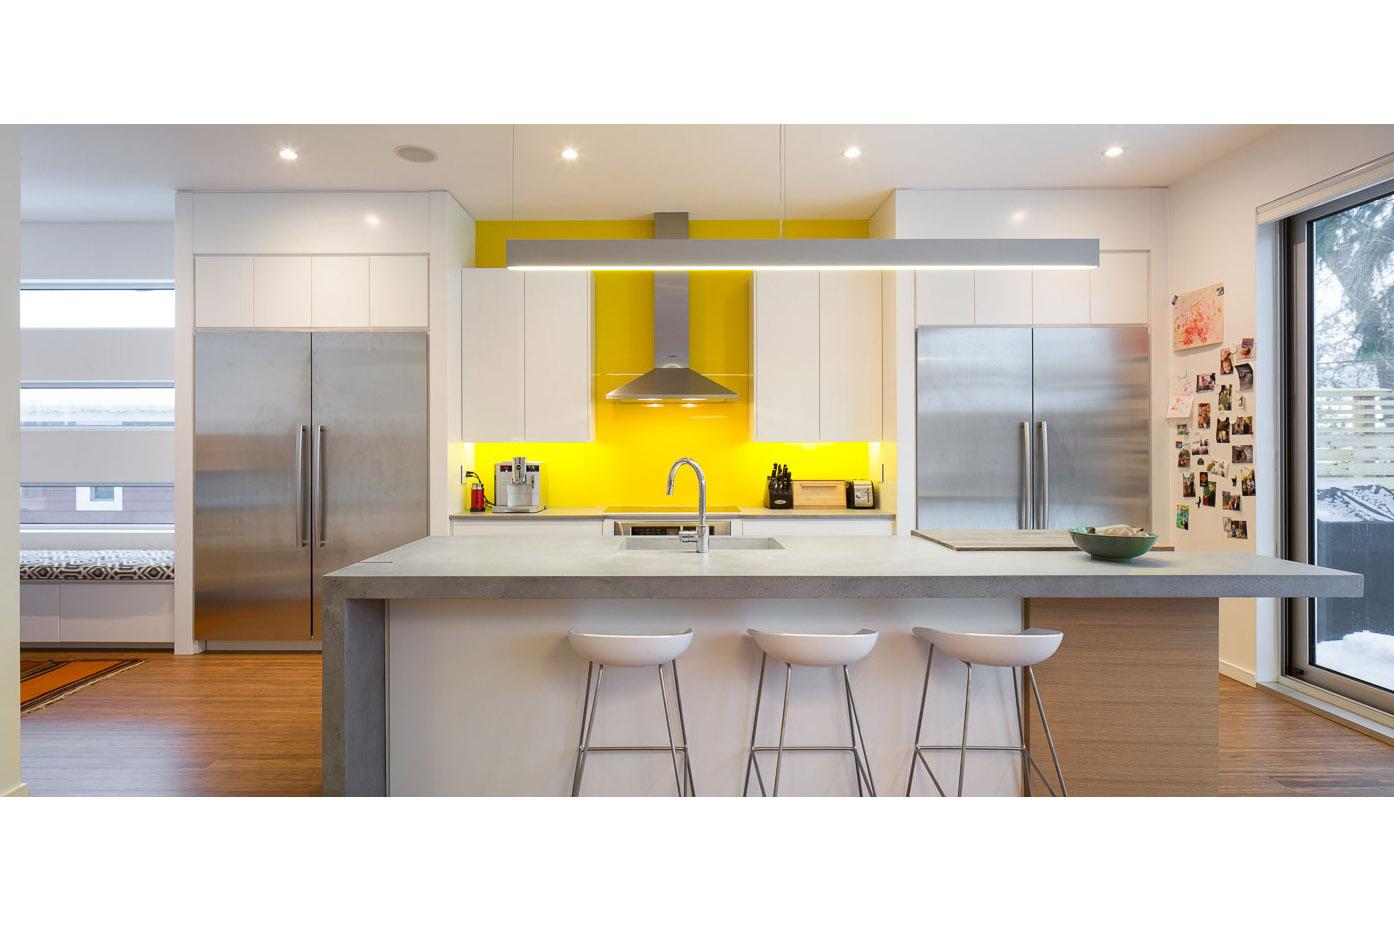 Photograph of a modern kitchen